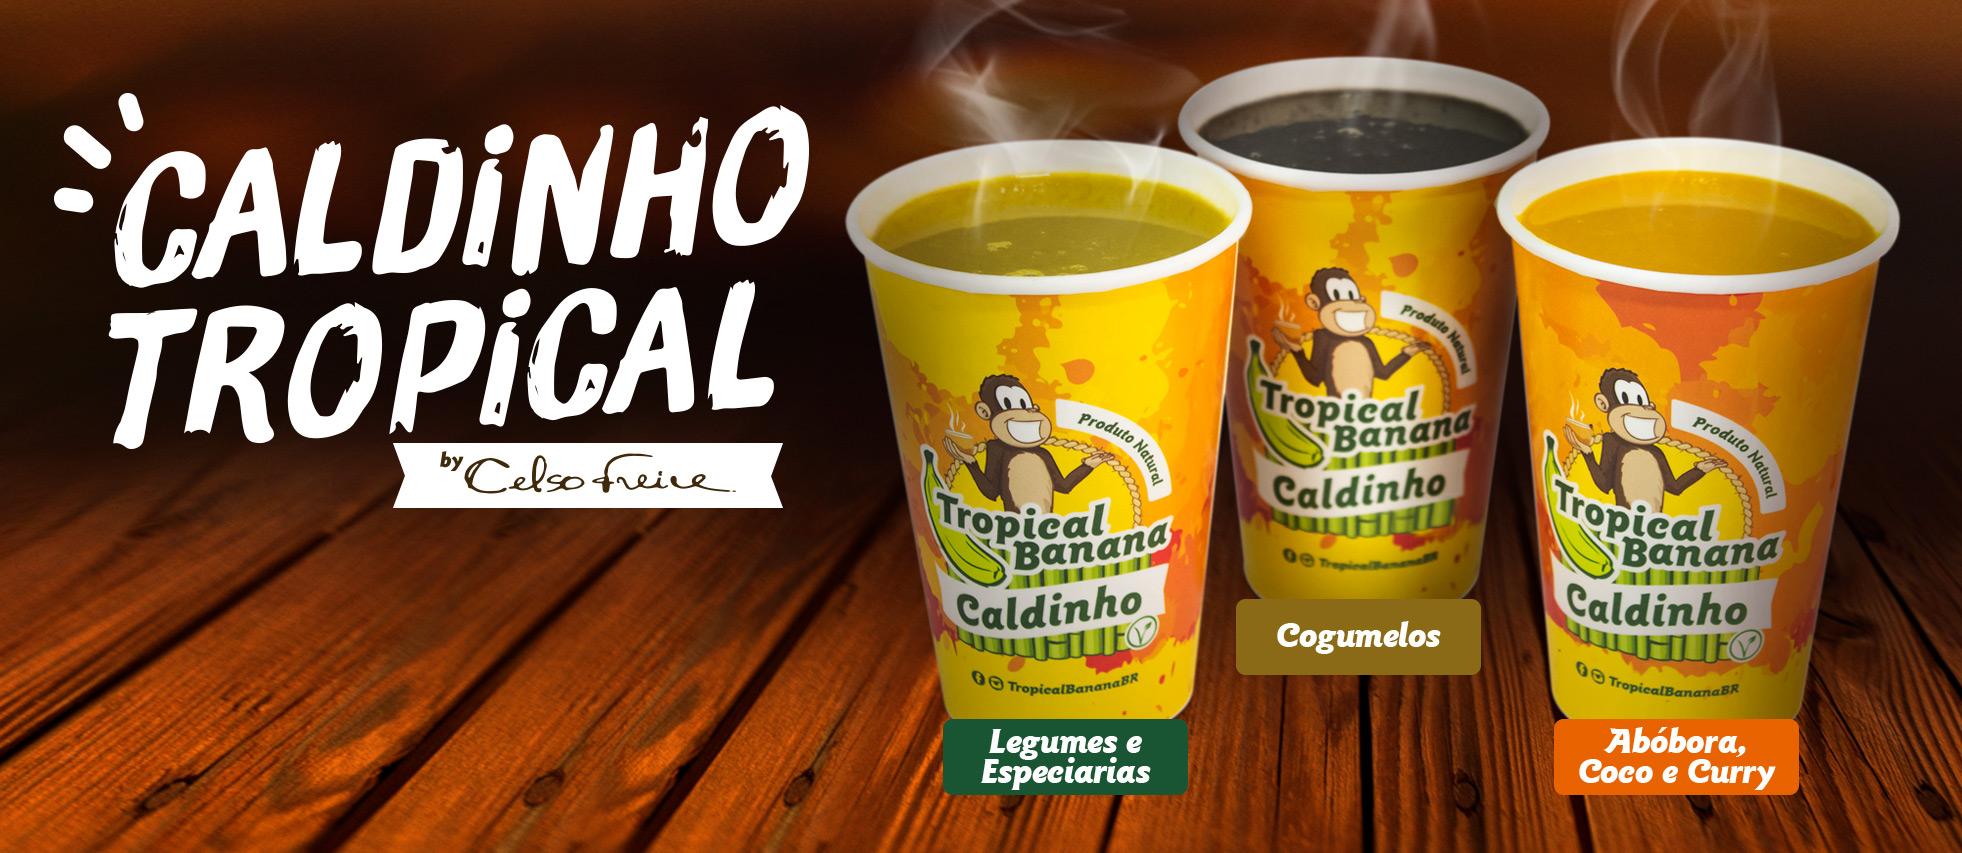 caldinho tropical banana celso freire Curitiba